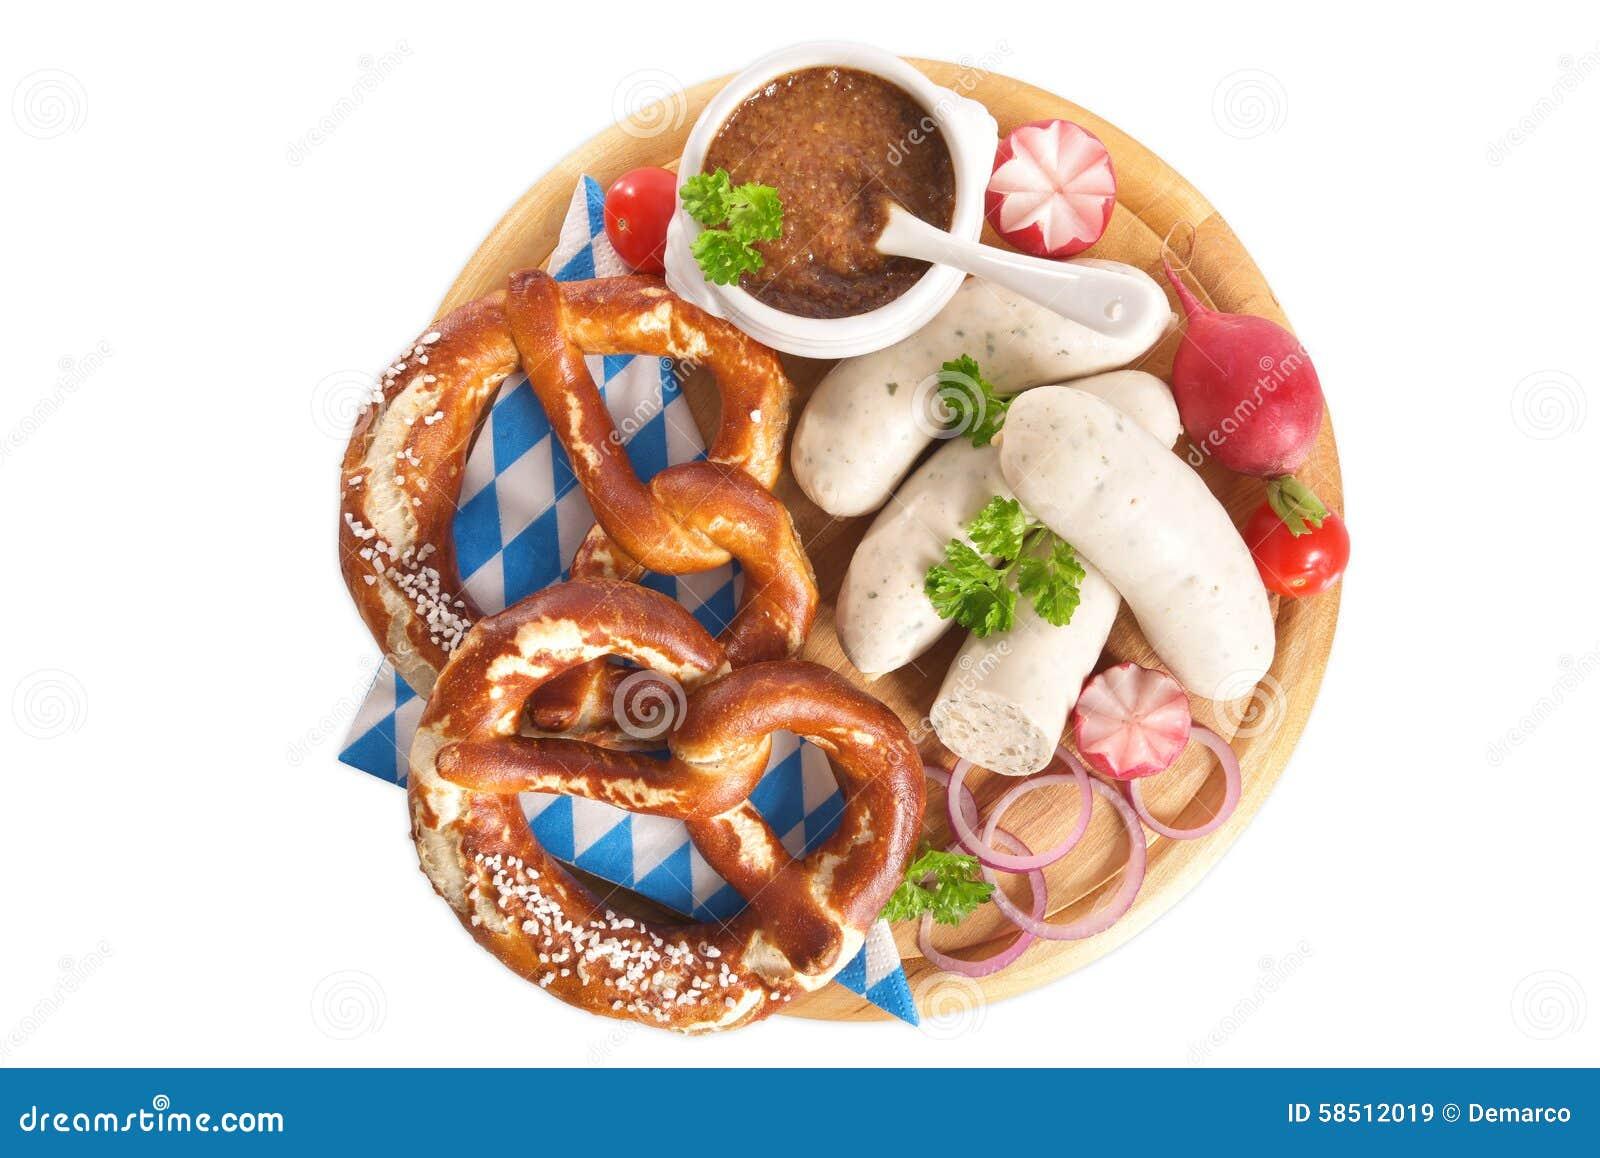 Bayerisches Kalbfleisch-Wurst-Frühstück